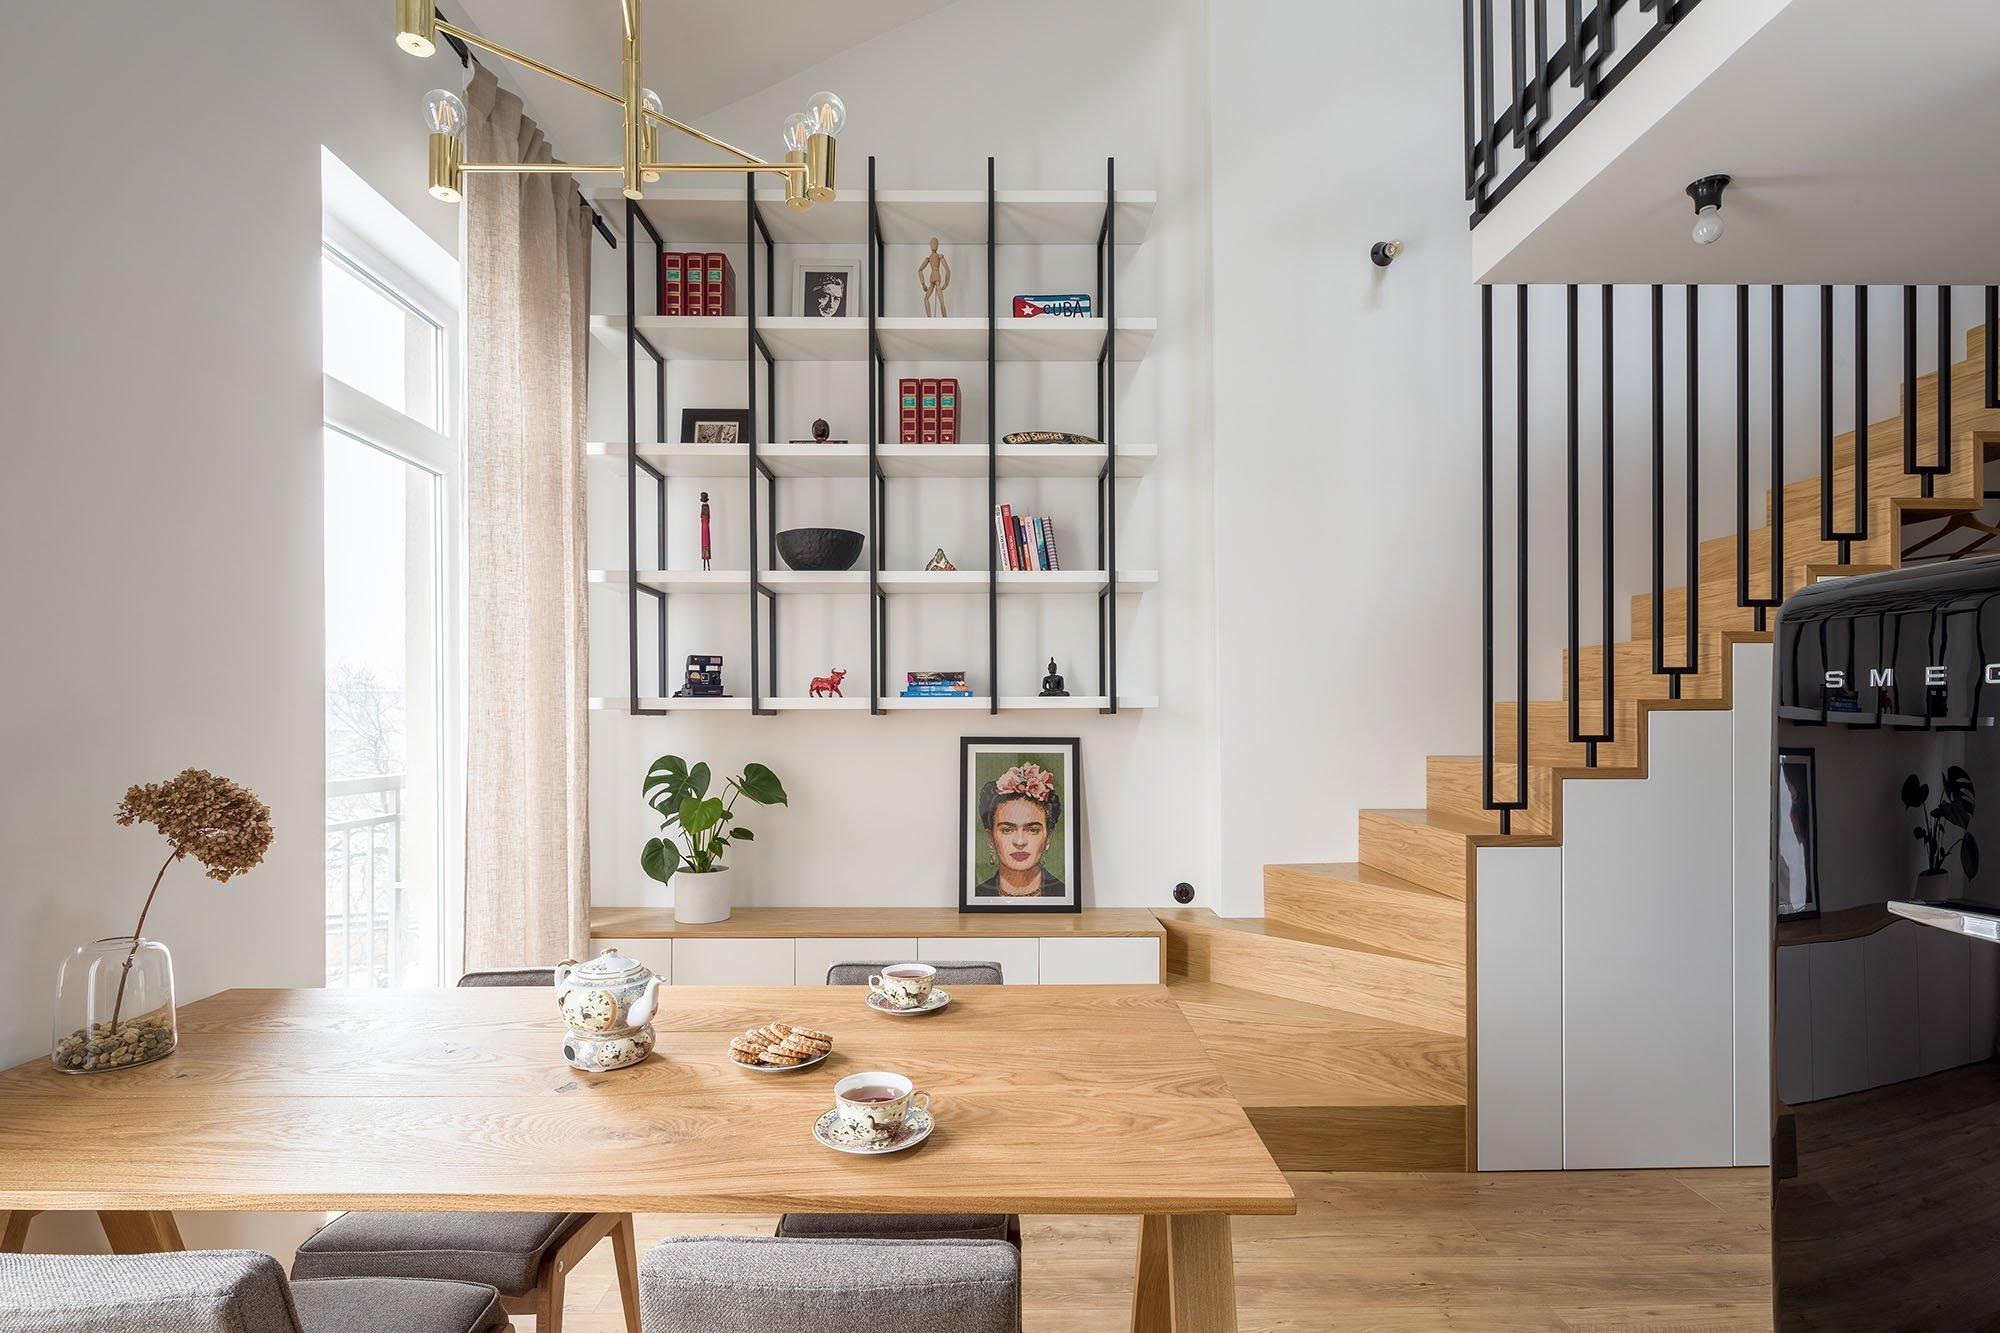 Naprosto úchvatný interiér v eklektickém stylu se nachází v malém, dvoupodlažním bytu činžovního domu v centrální části Polska. Pozornost si zaslouží nejen díky svému originálnímu vybavení, ale i zajímavým rozdělením funkčních zón. Standardně se totiž očekává, že v případě vícepodlažních domů nebo mezonetových bytů zaujímá obývací pokoj prostor ve spodním patře. V bytě v Lodži však architekti zvolili poněkud netradiční řešení.